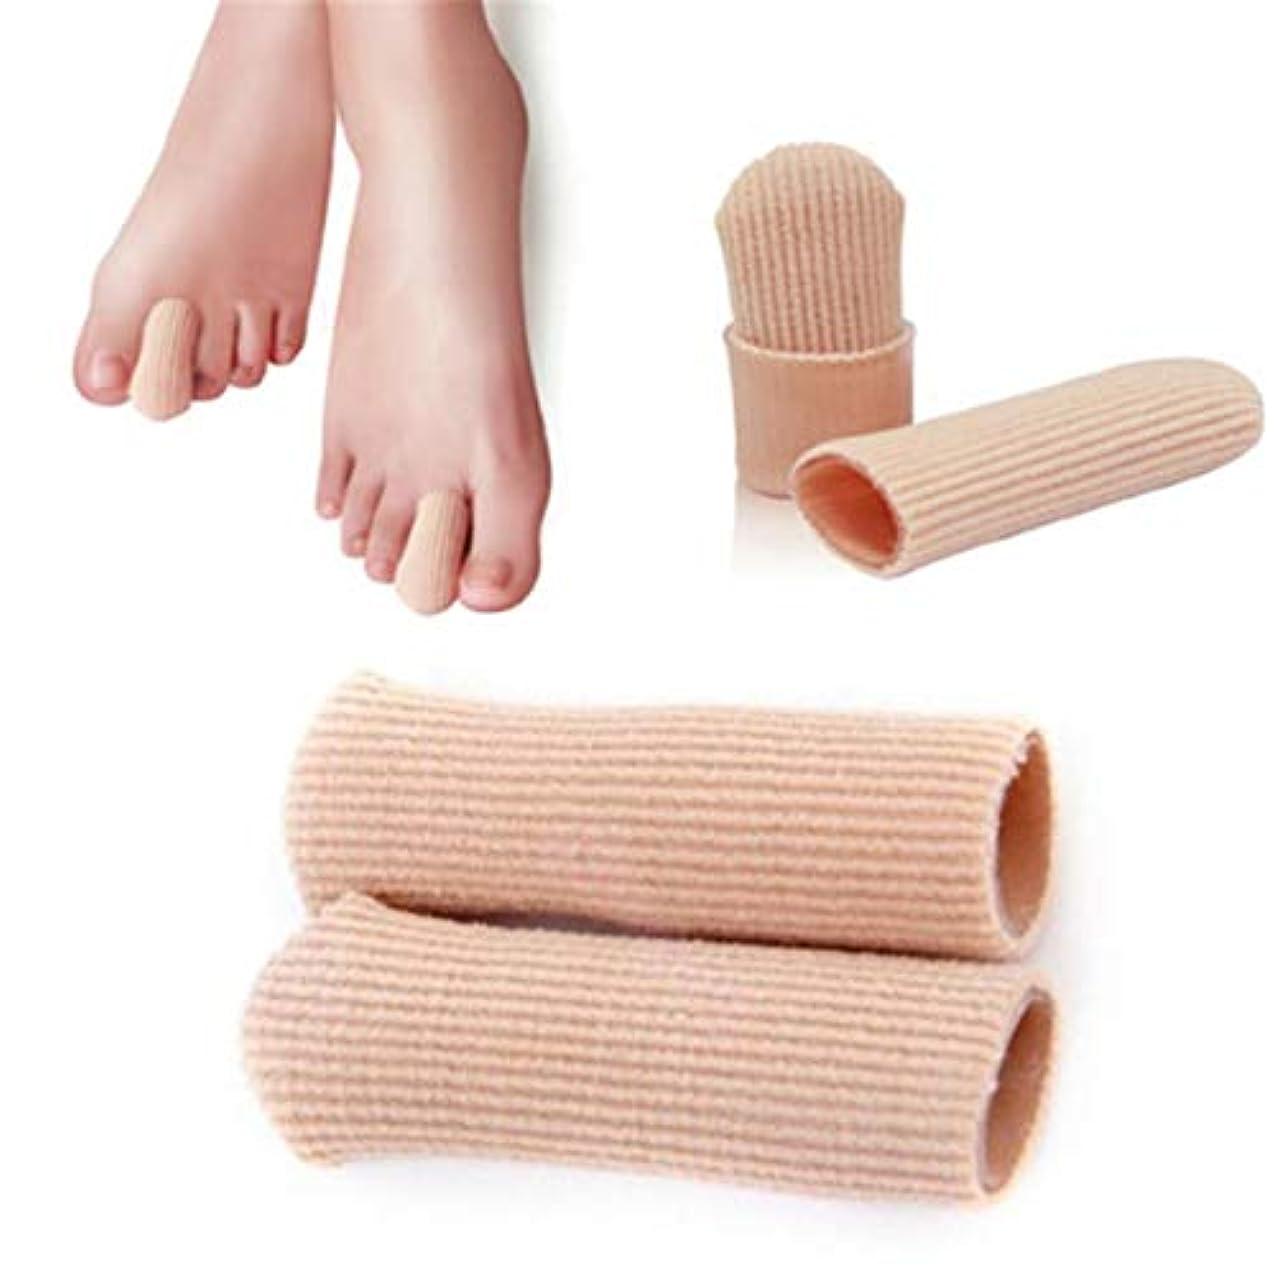 オークションワゴン発表するB-035 SEBS Toe Tube Toe Caps Toe Cushions Foot Corns Remover Finger Toe Protect Body Massager Insoles Health Care